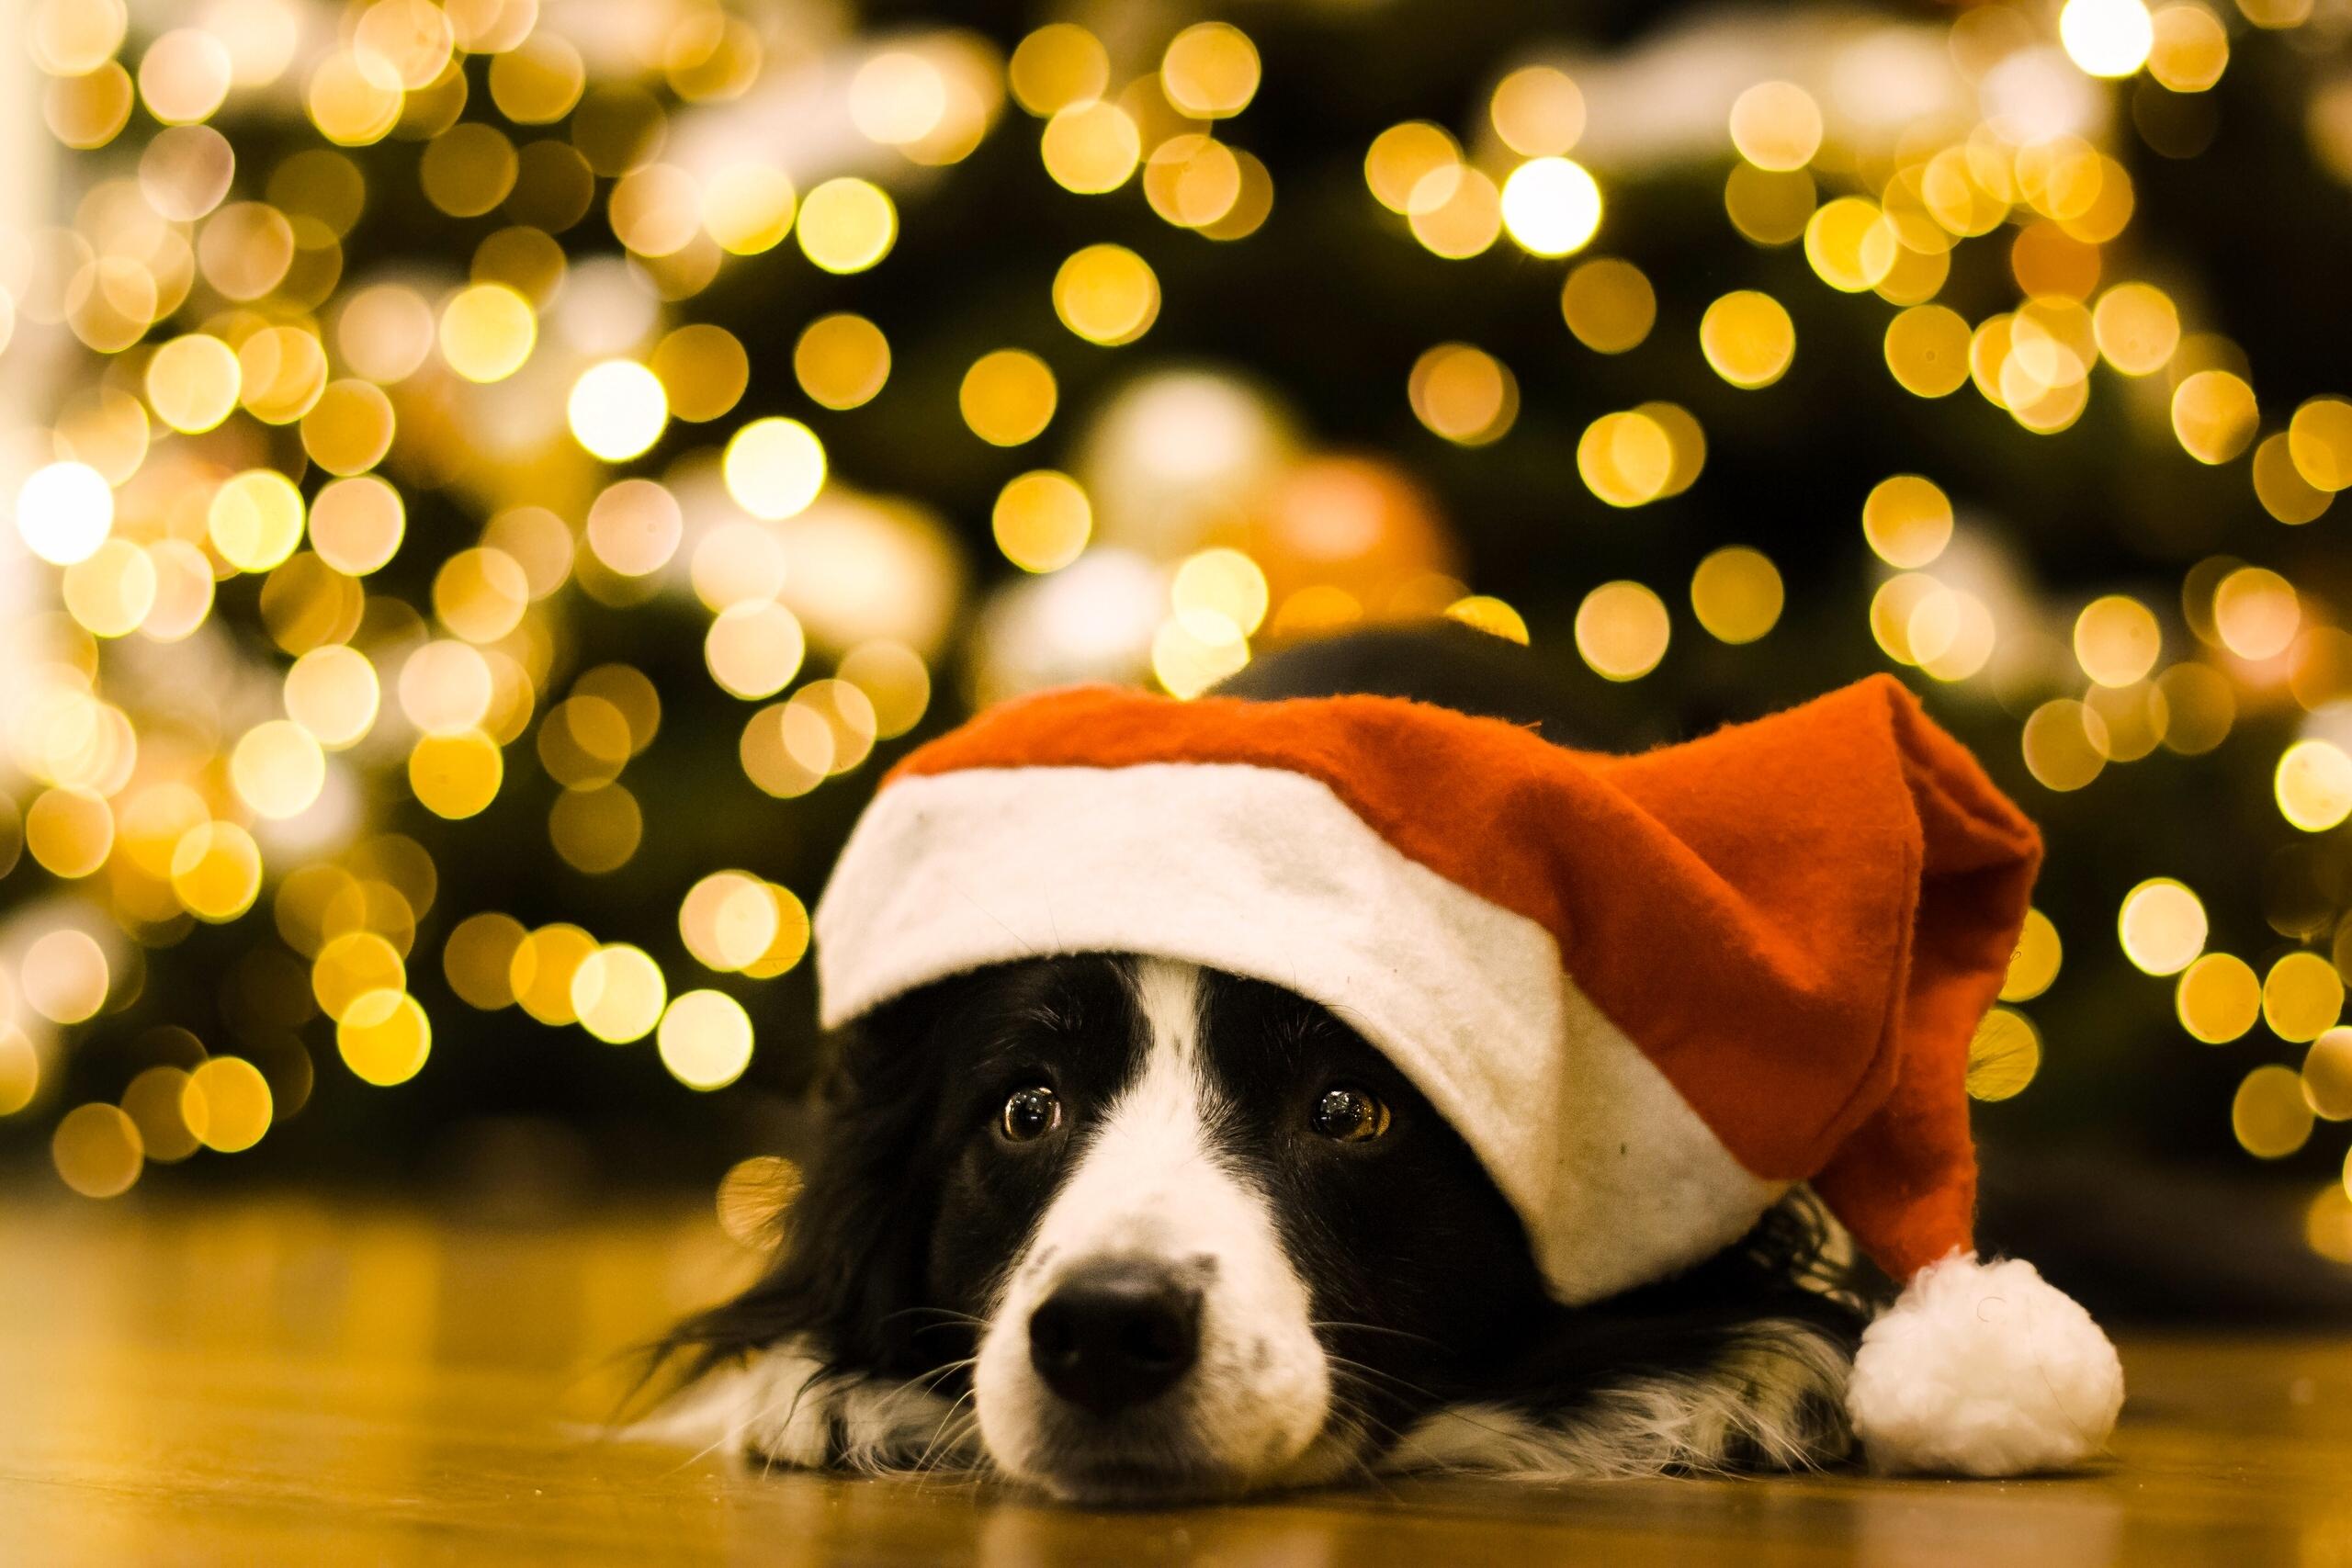 собачка в новогодней шапочке  № 1301910 бесплатно